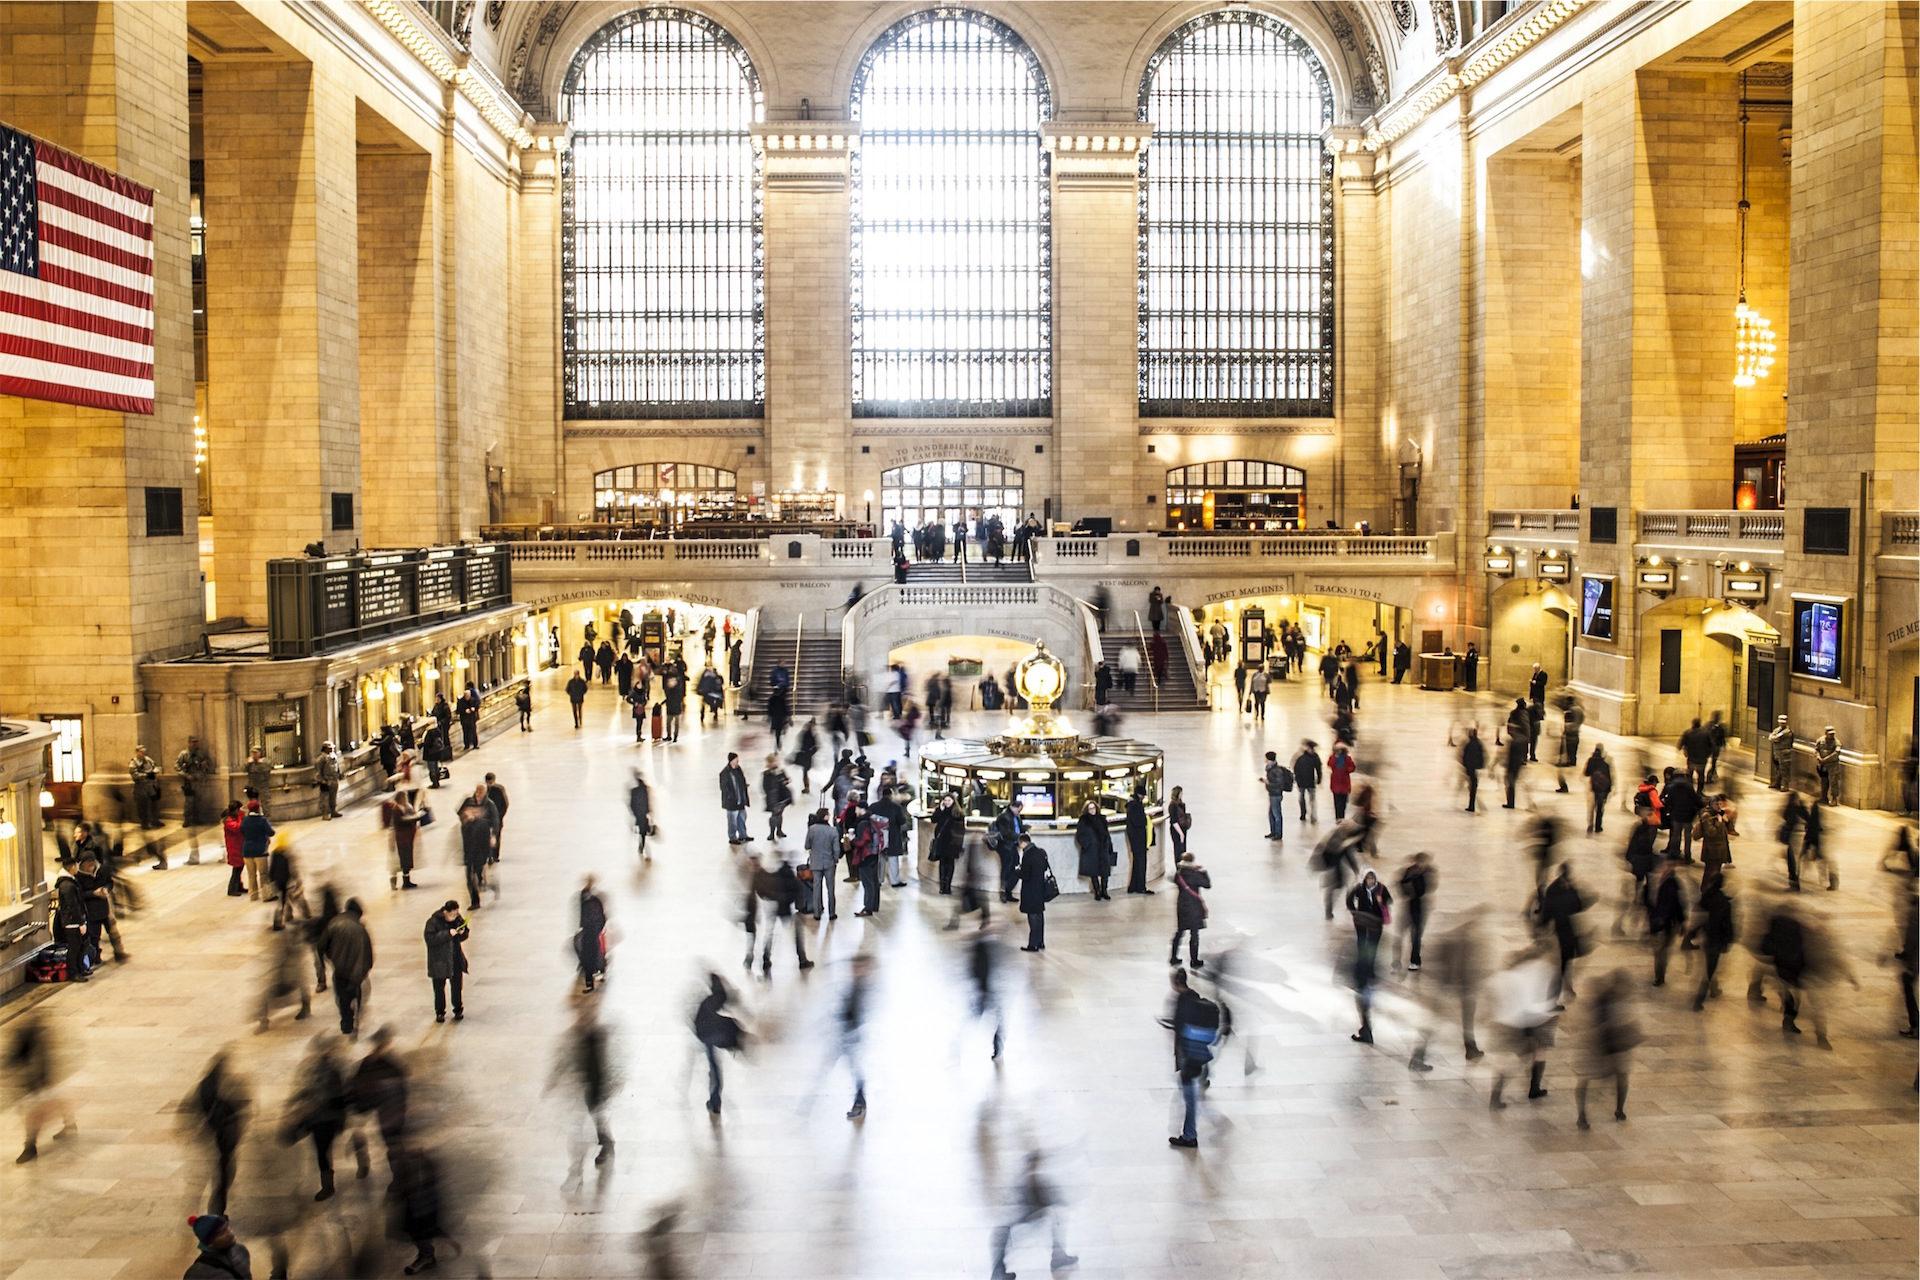 station, Métro, gens, voyageurs, États-Unis - Fonds d'écran HD - Professor-falken.com